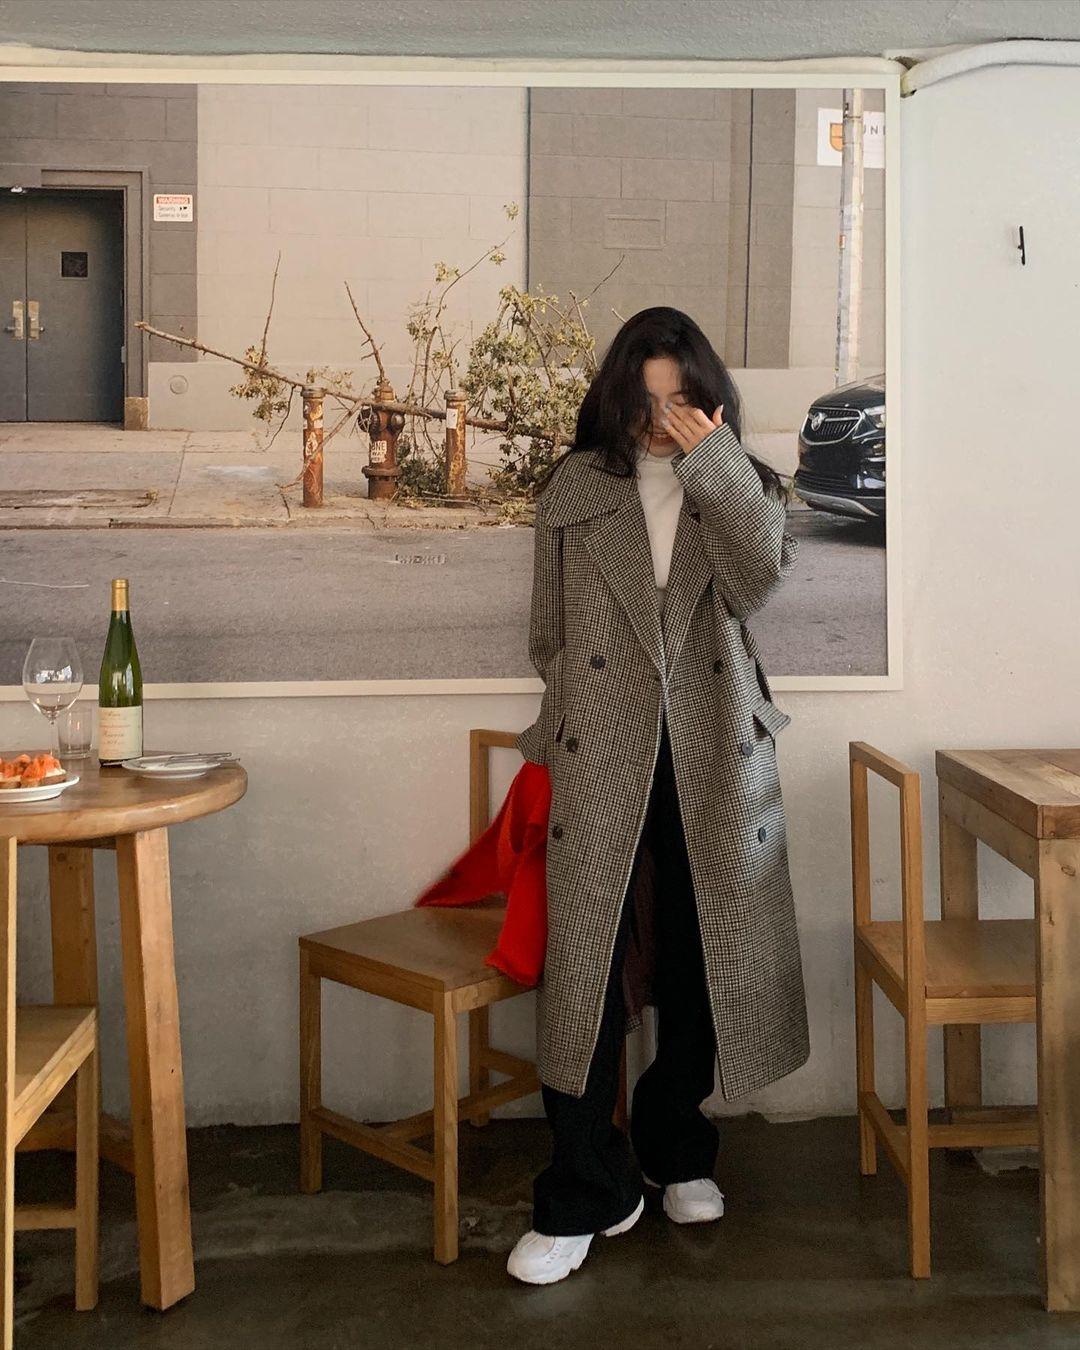 Mùa Đông diện áo khoác dáng dài là ấm nhất nhưng diện sao cho tôn dáng và sành điệu thì phải học 10 gợi ý sau - Ảnh 7.